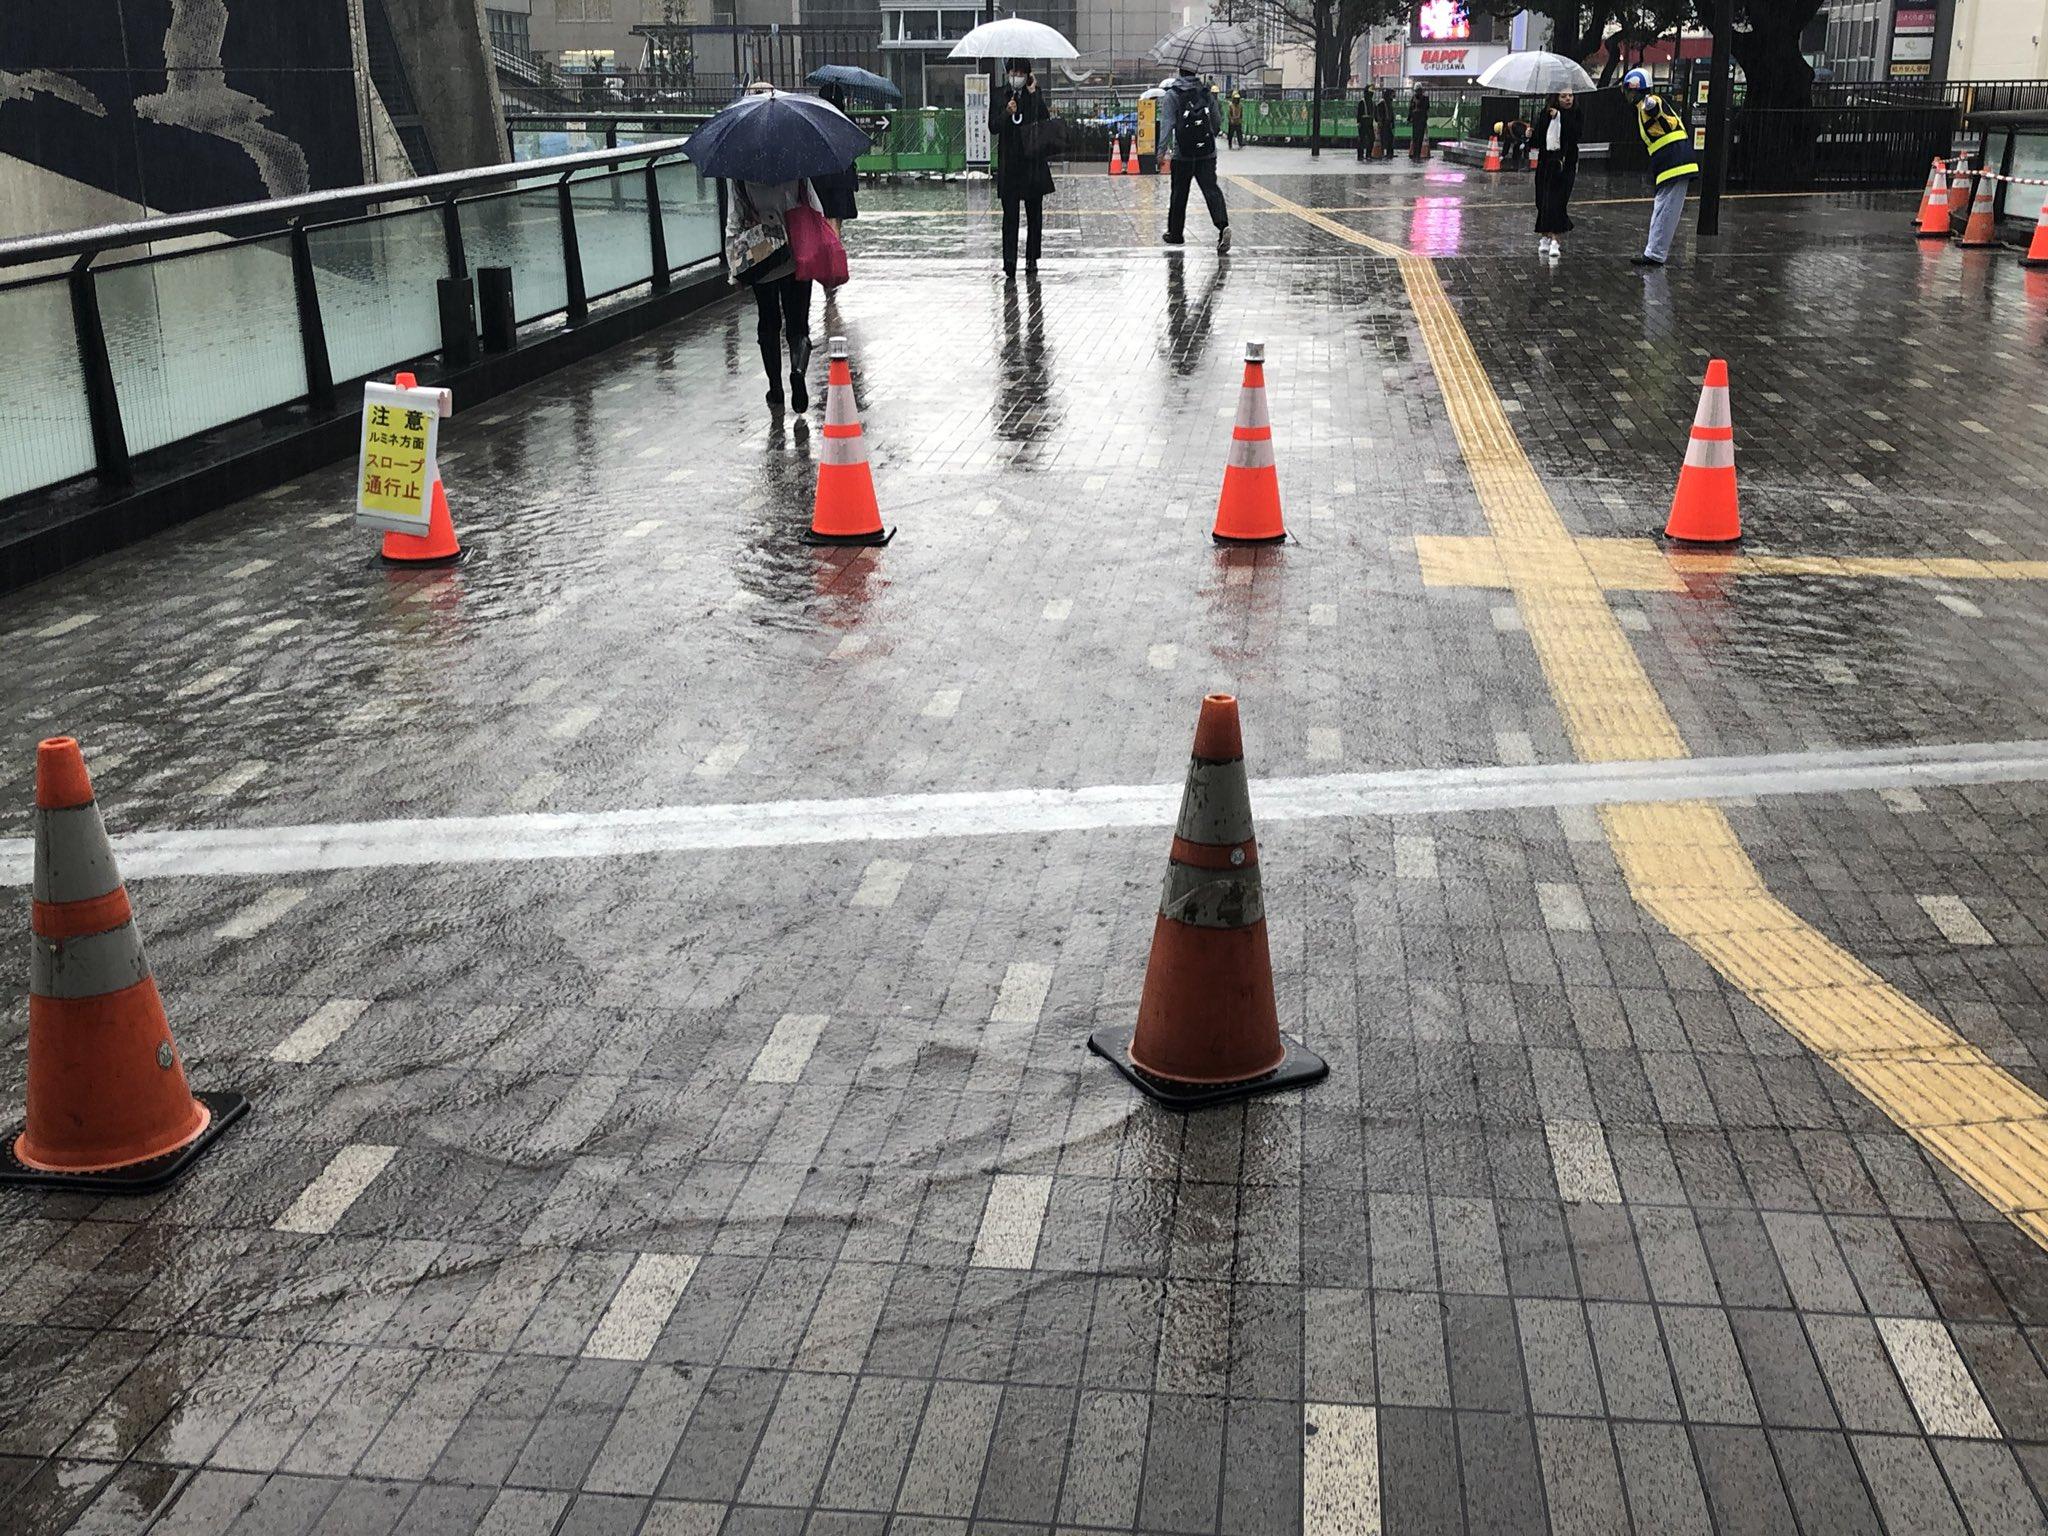 画像,@bic_fujisawa 藤沢駅北口、通路に水たまりができてて回避を促されていますw https://t.co/RCH2ZR3bj3…